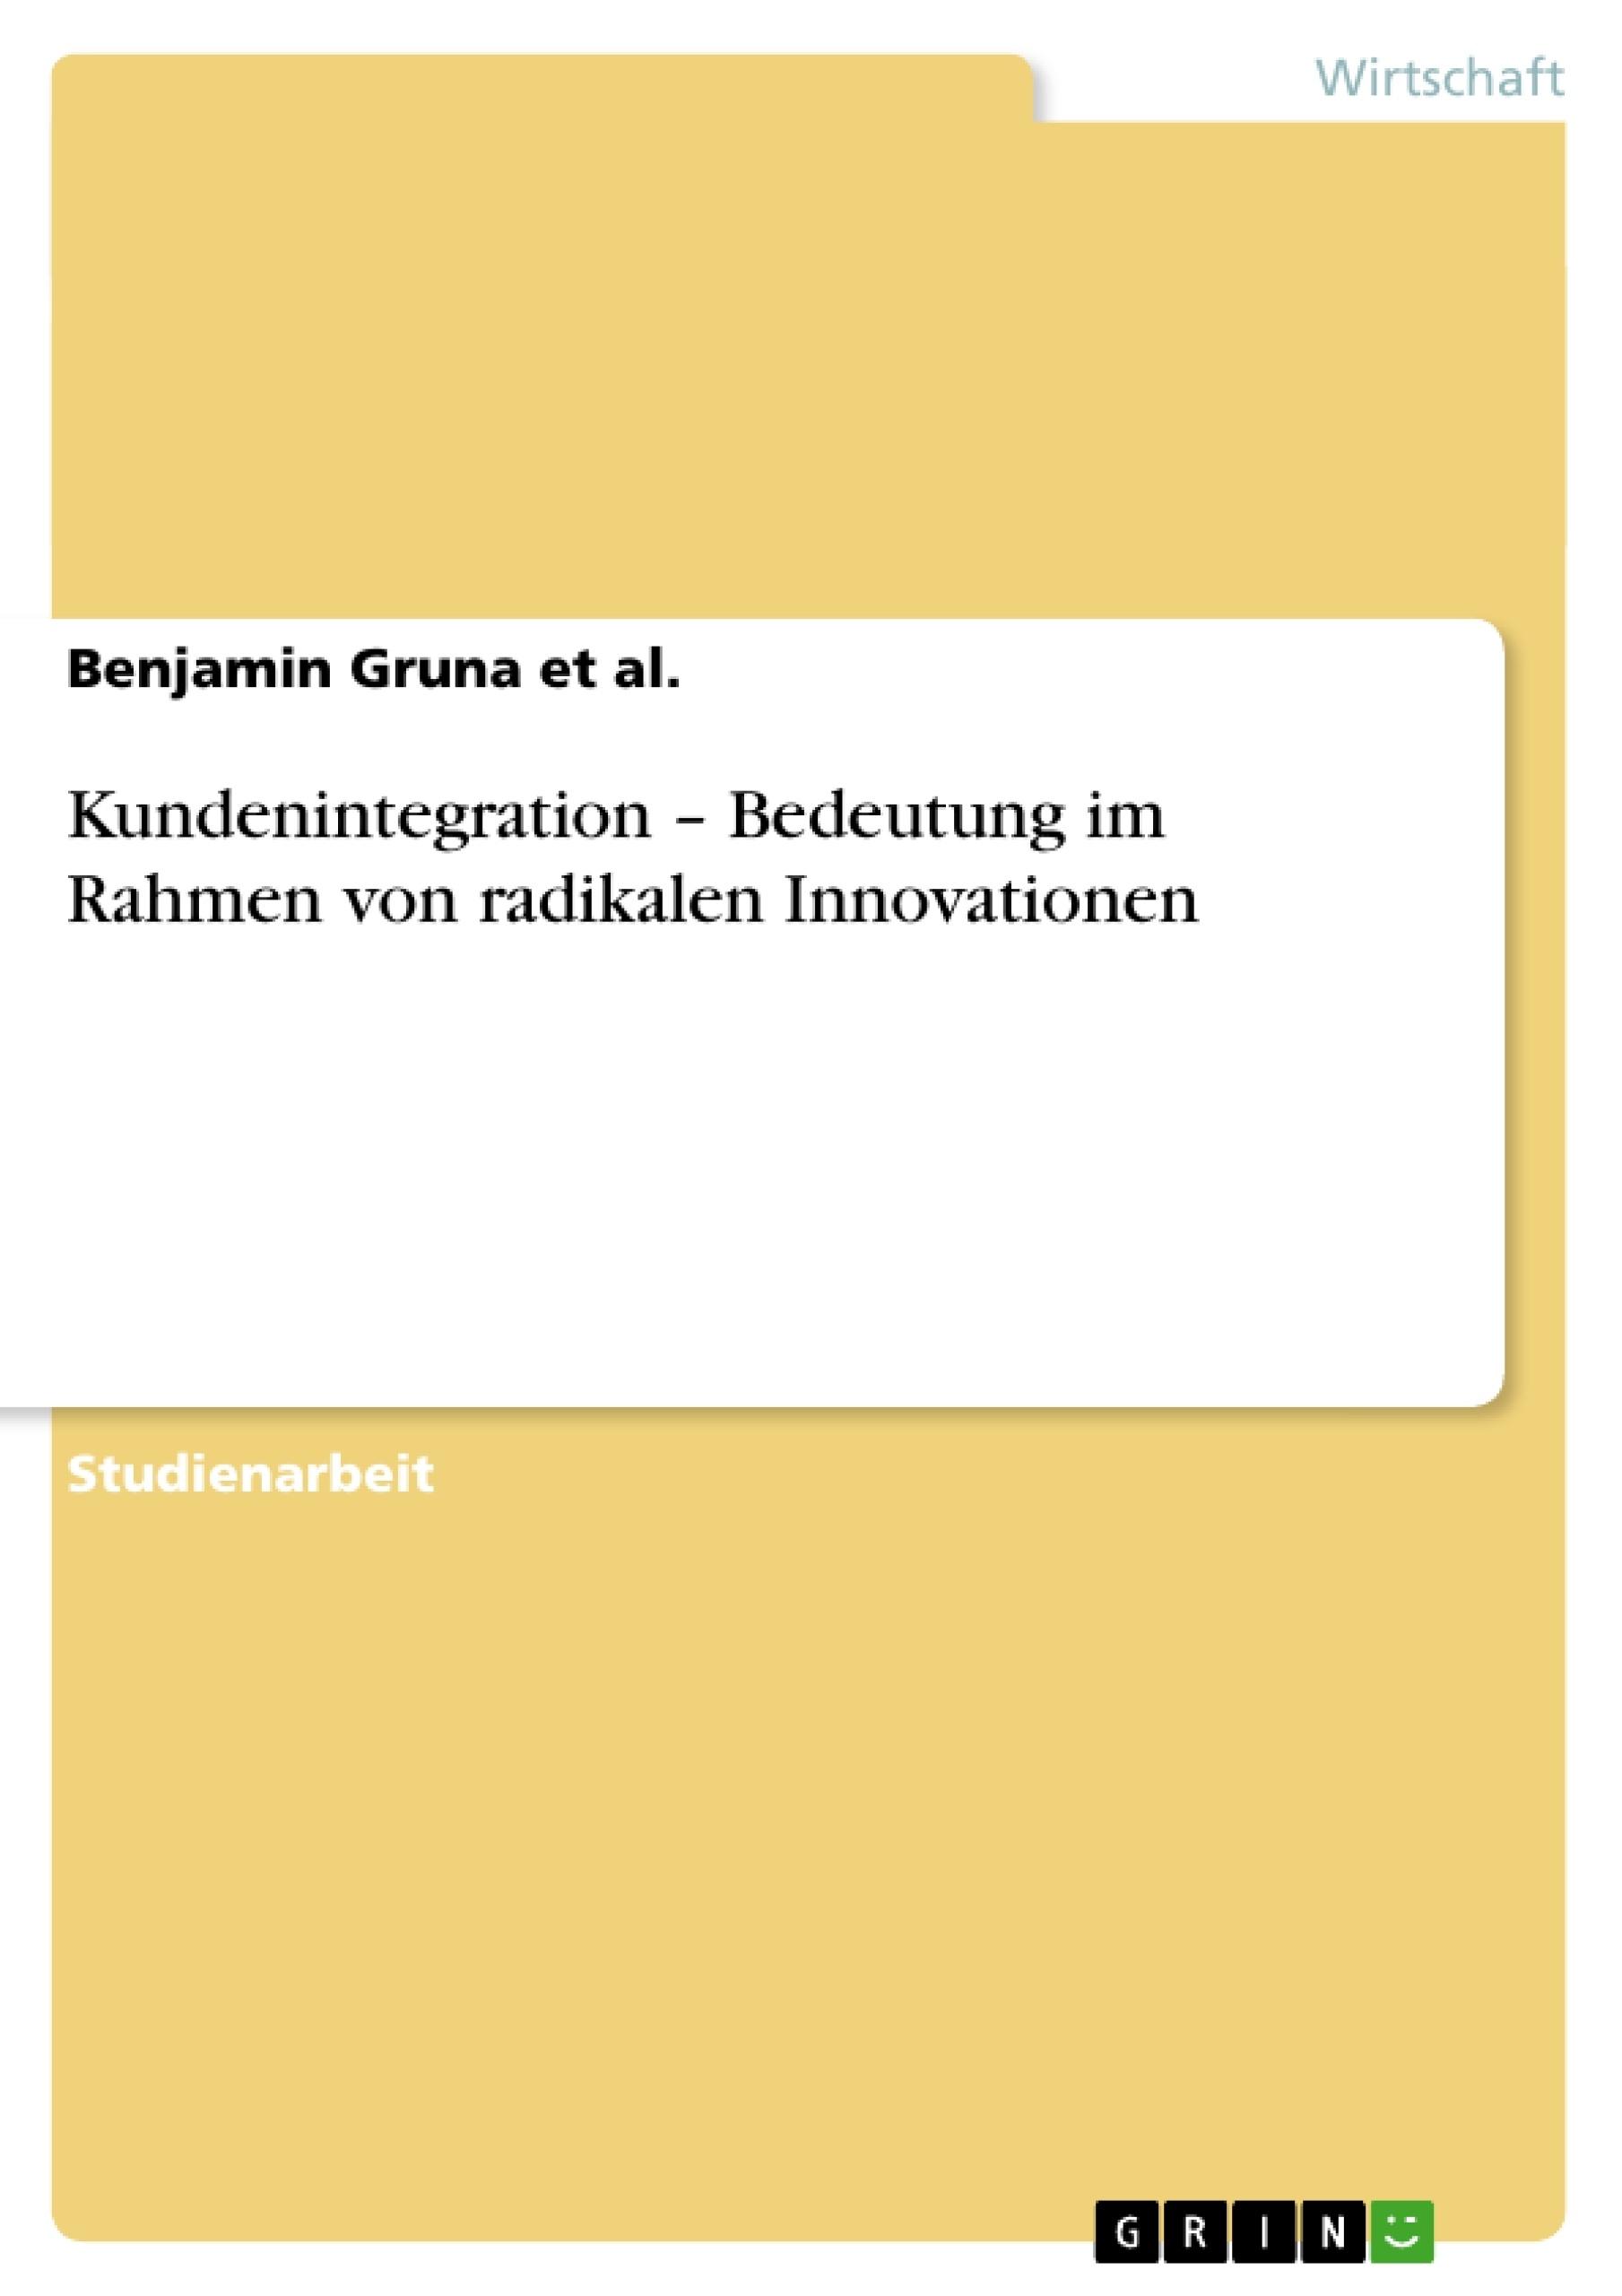 Titel: Kundenintegration – Bedeutung im Rahmen von radikalen Innovationen